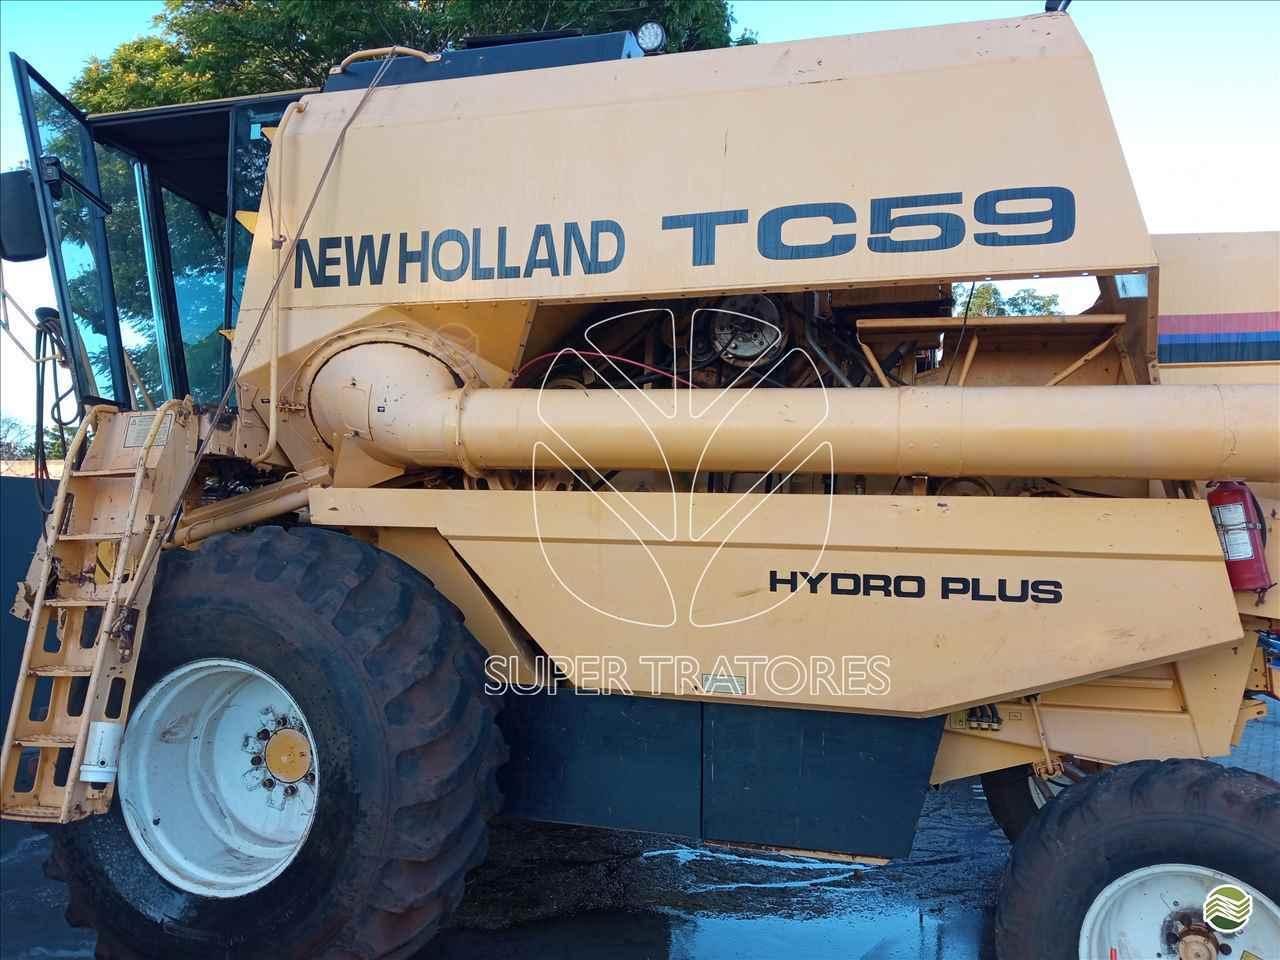 COLHEITADEIRA NEW HOLLAND TC 59 Super Tratores - New Holland - Matriz SANTA MARIA RIO GRANDE DO SUL RS